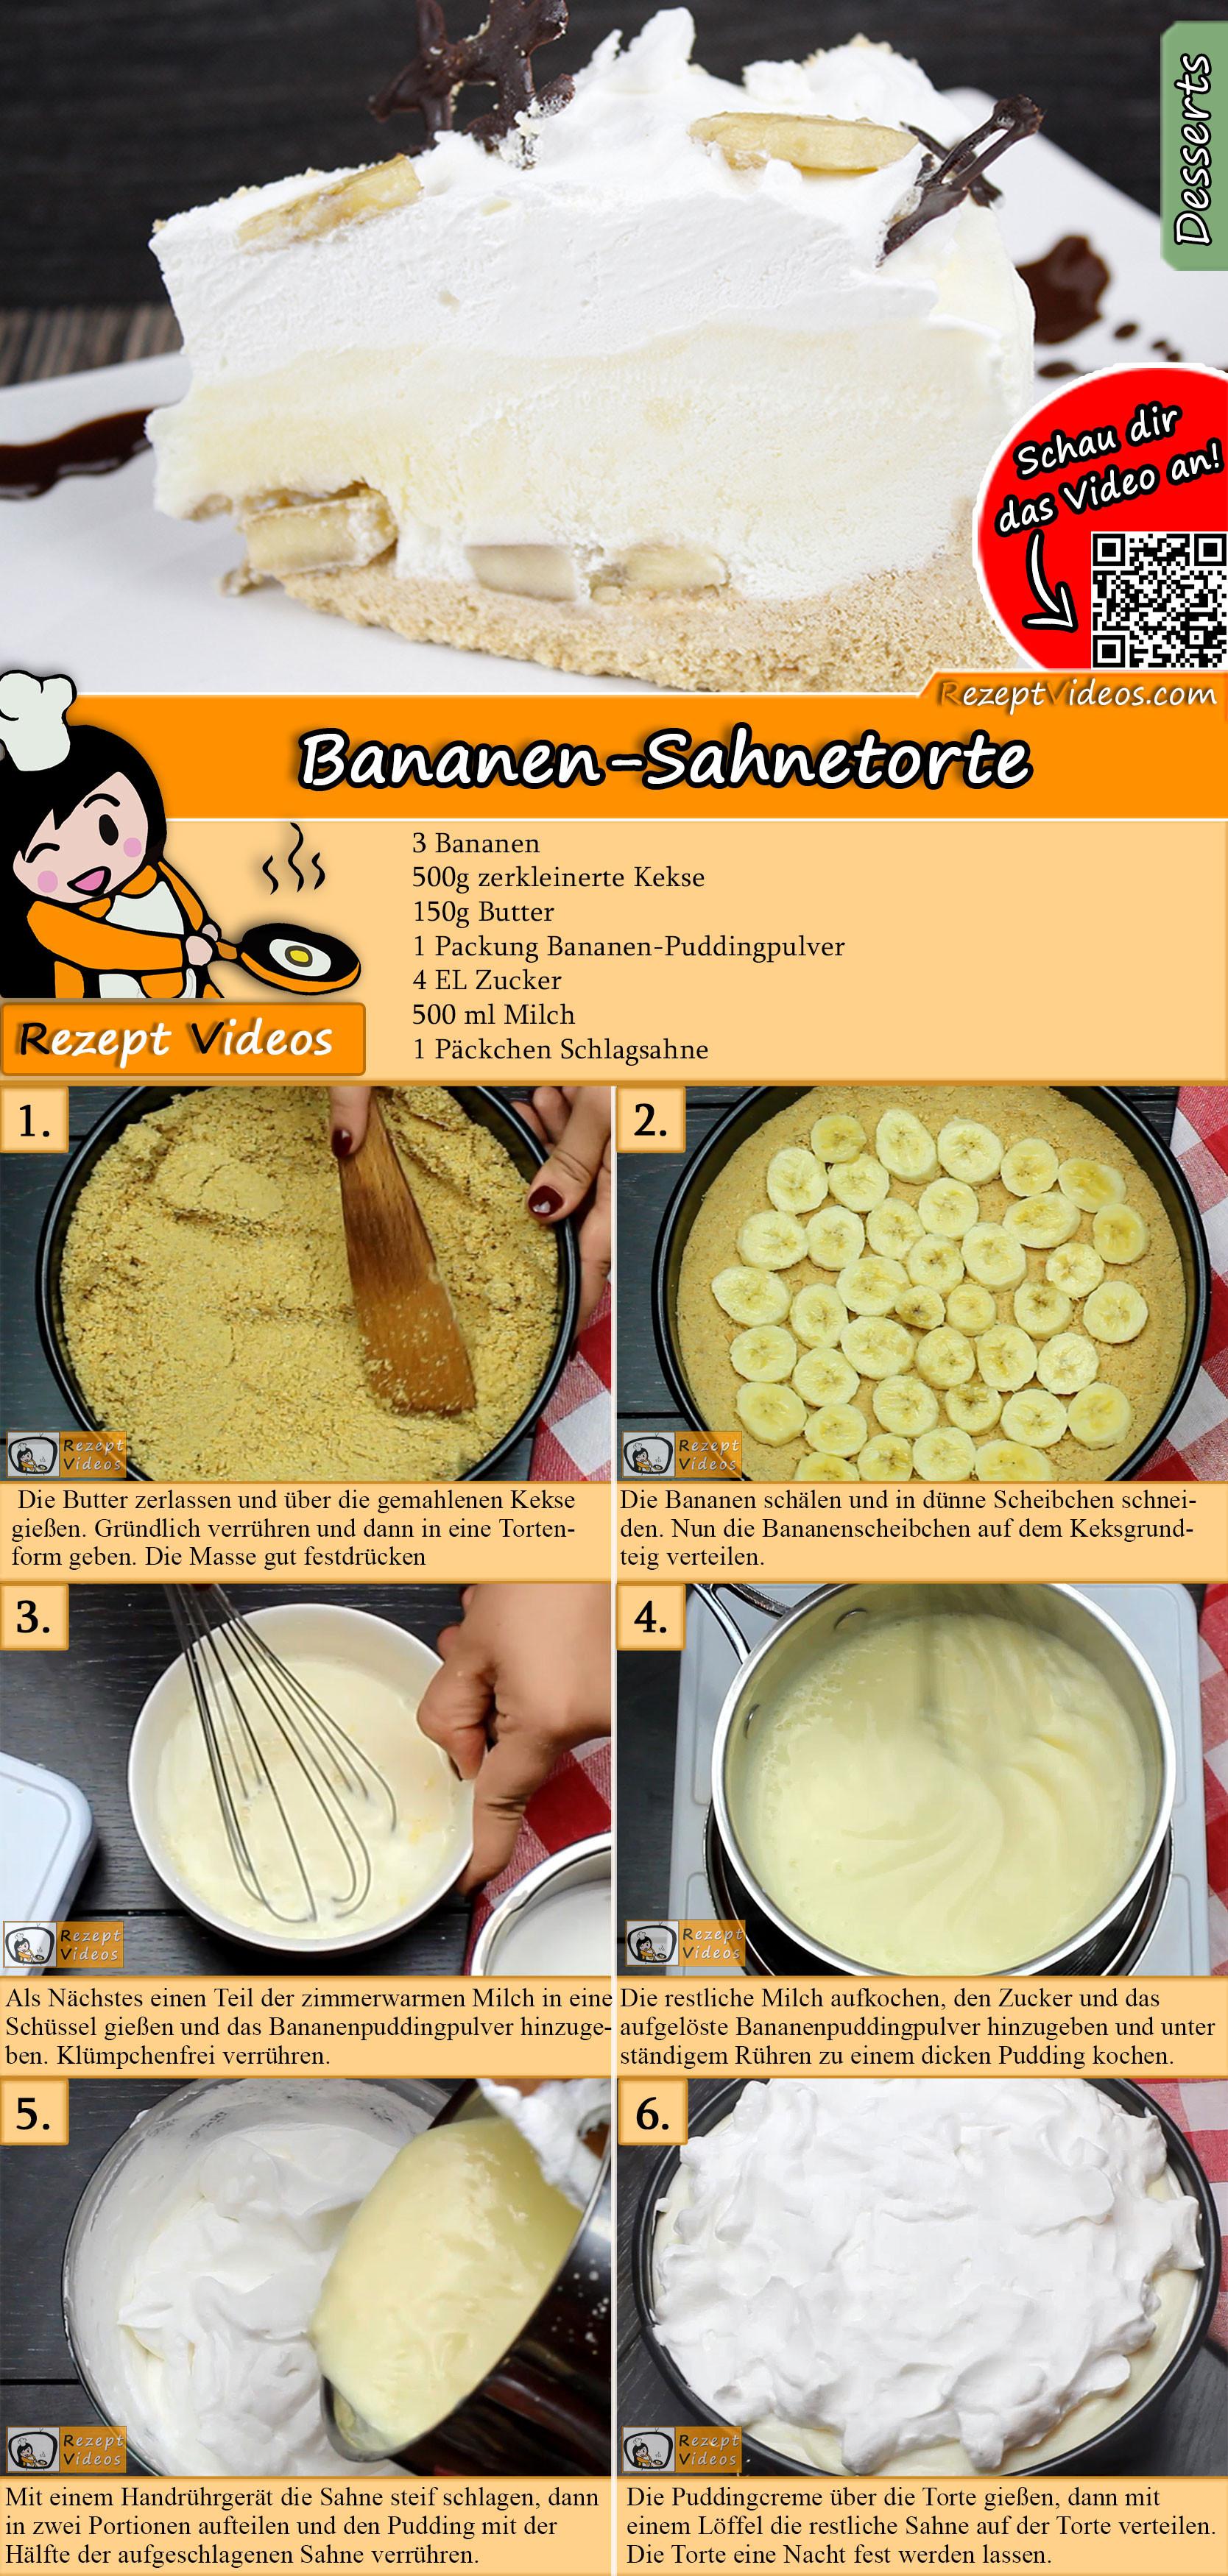 Bananen-Sahnetorte Rezept mit Video